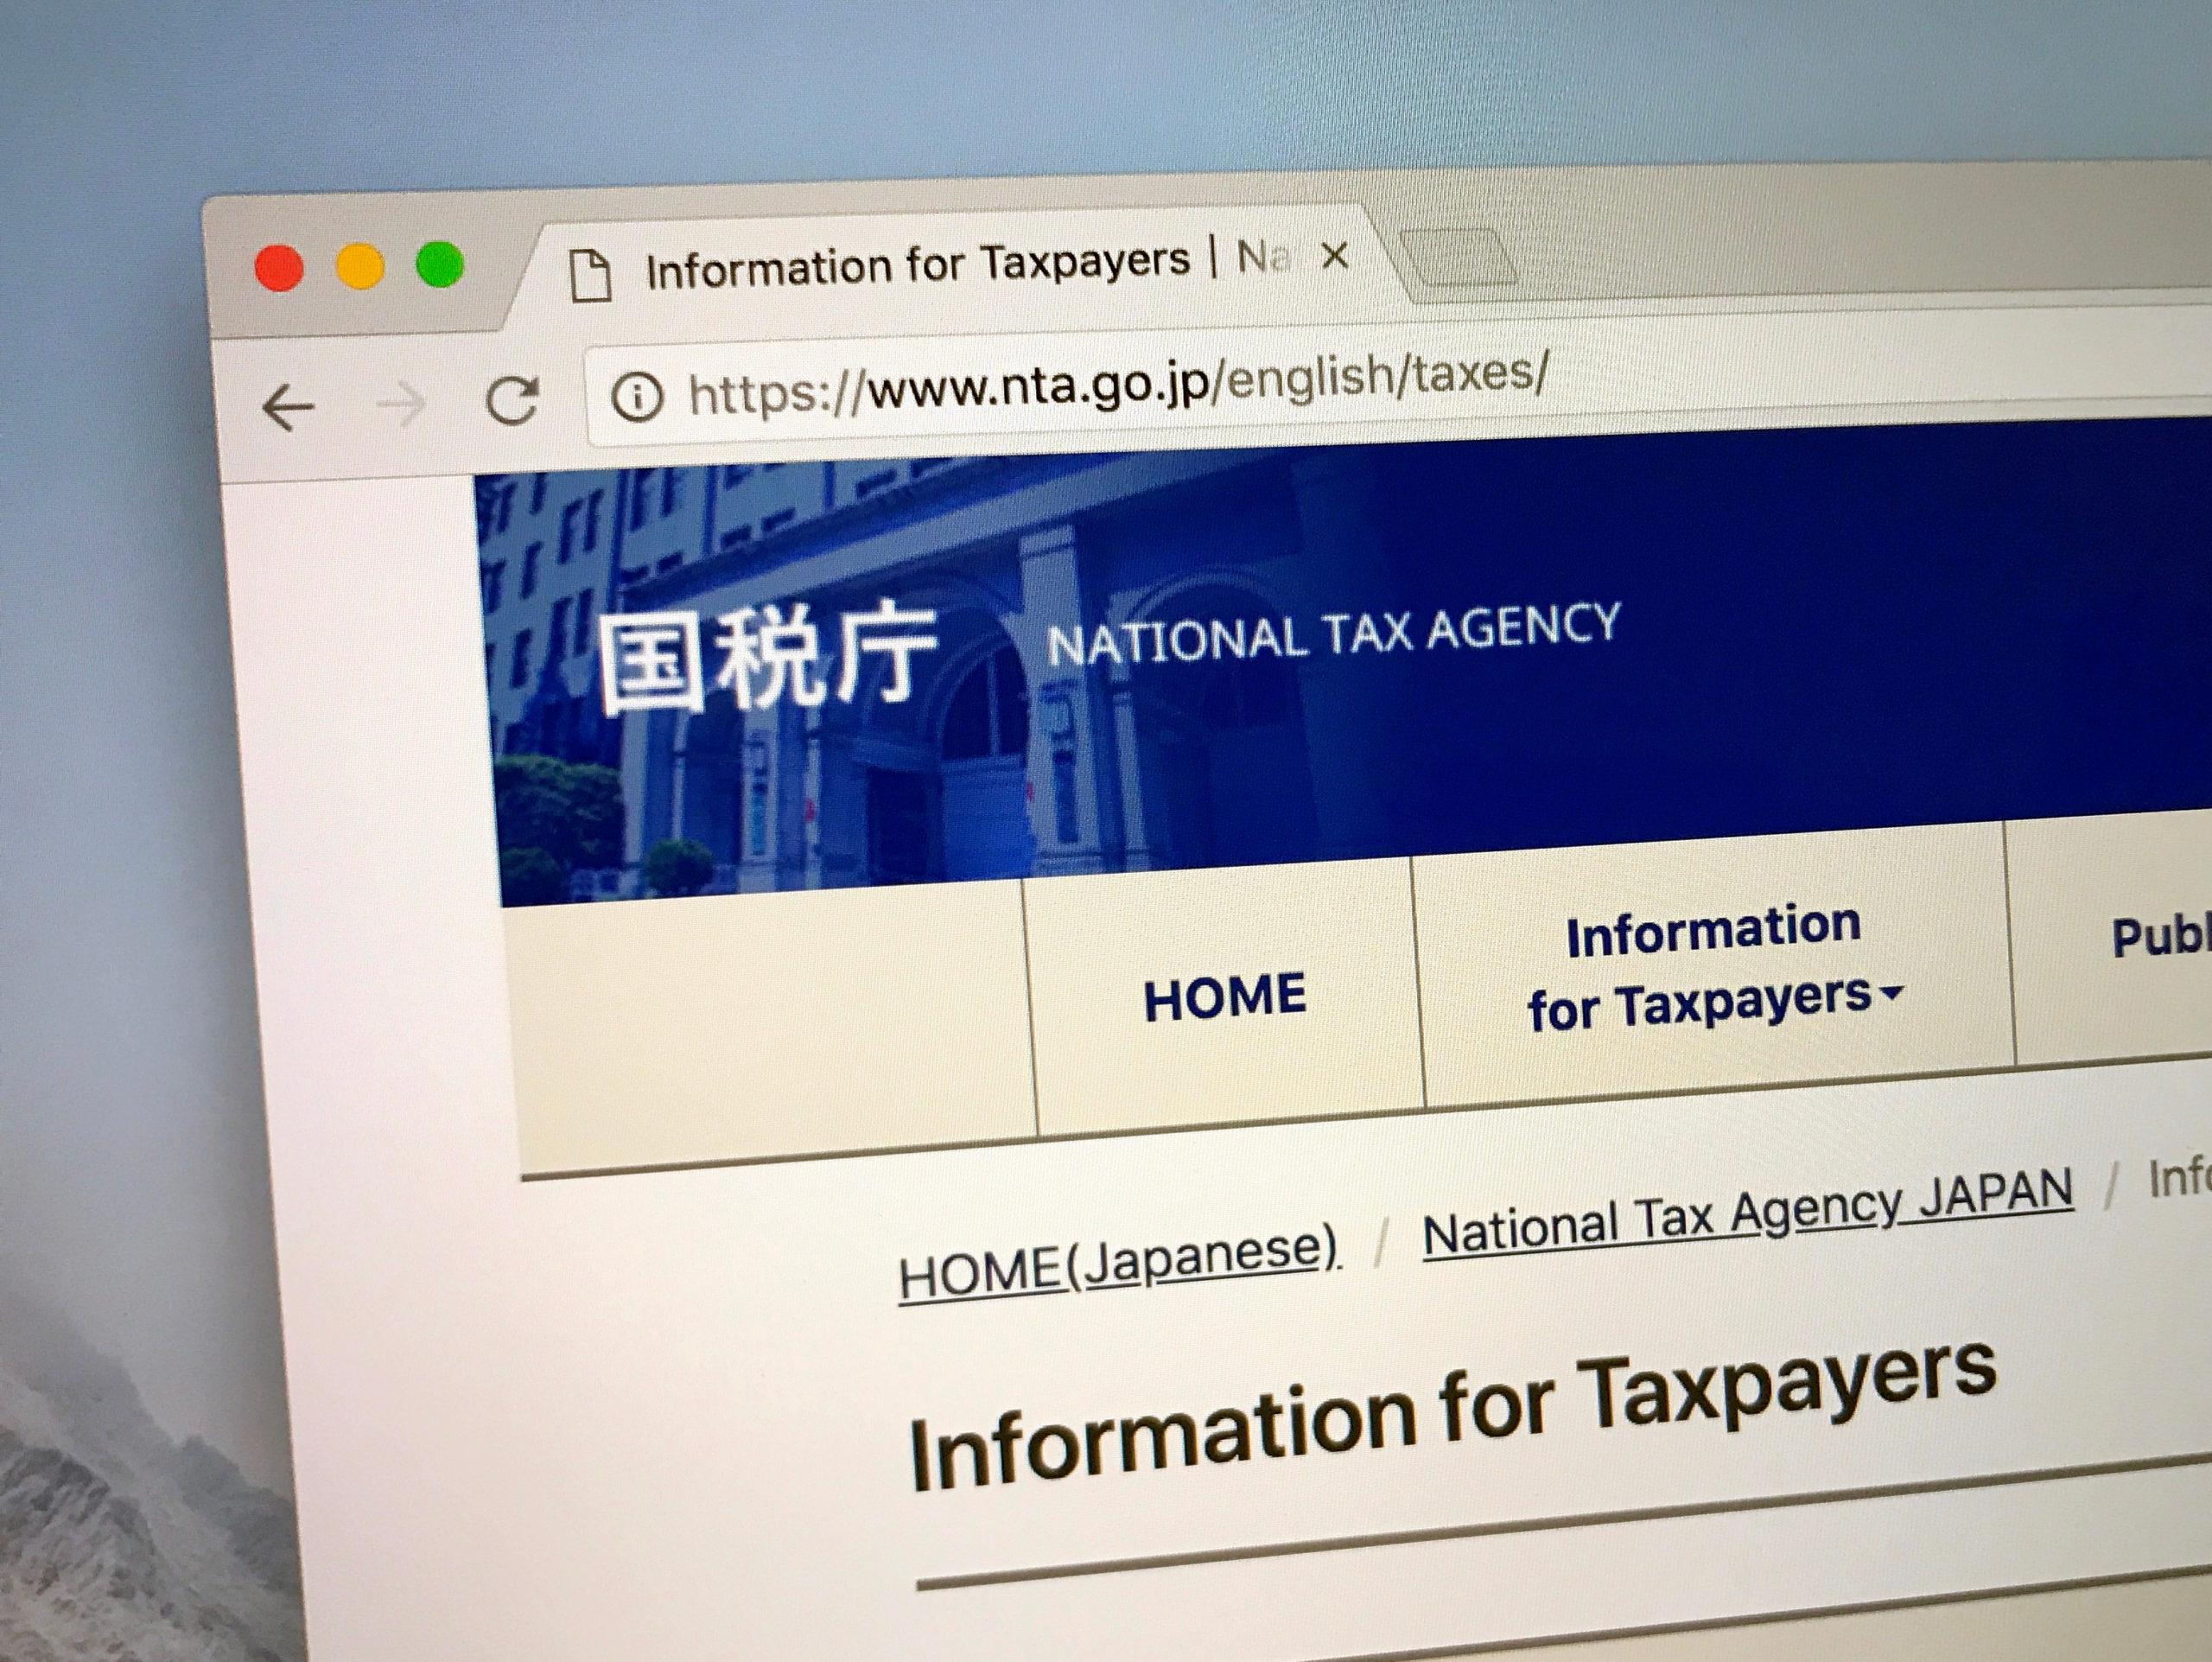 重加算税の論点を全整理・解説第14回:国税が考える重加算税の立証責任と事実認定